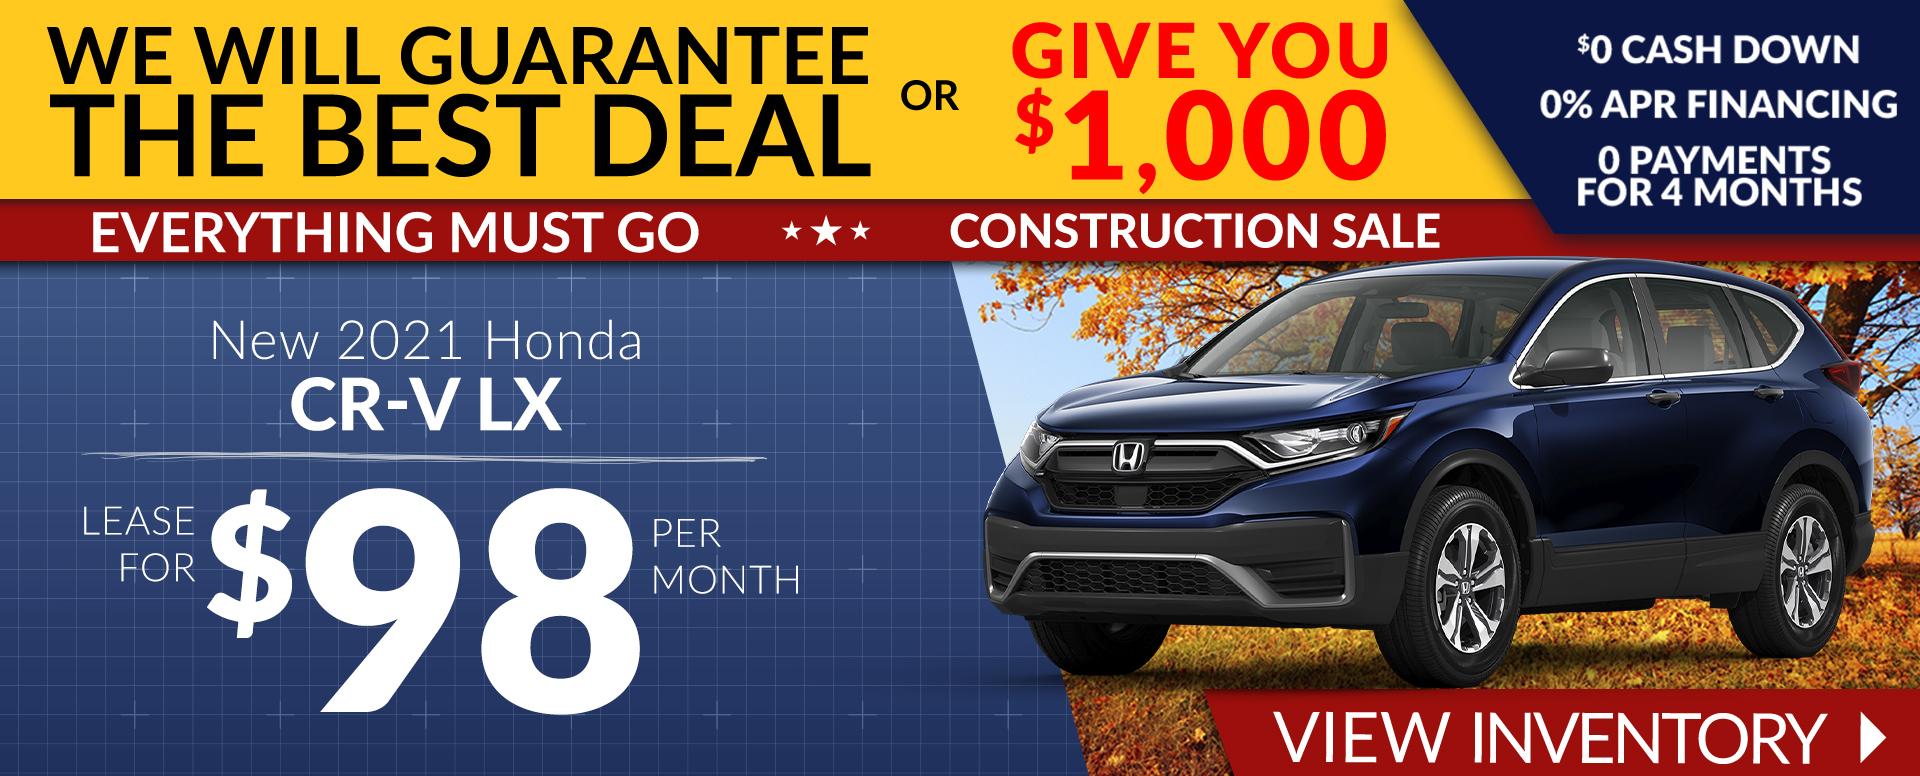 Honda CR-V Offer